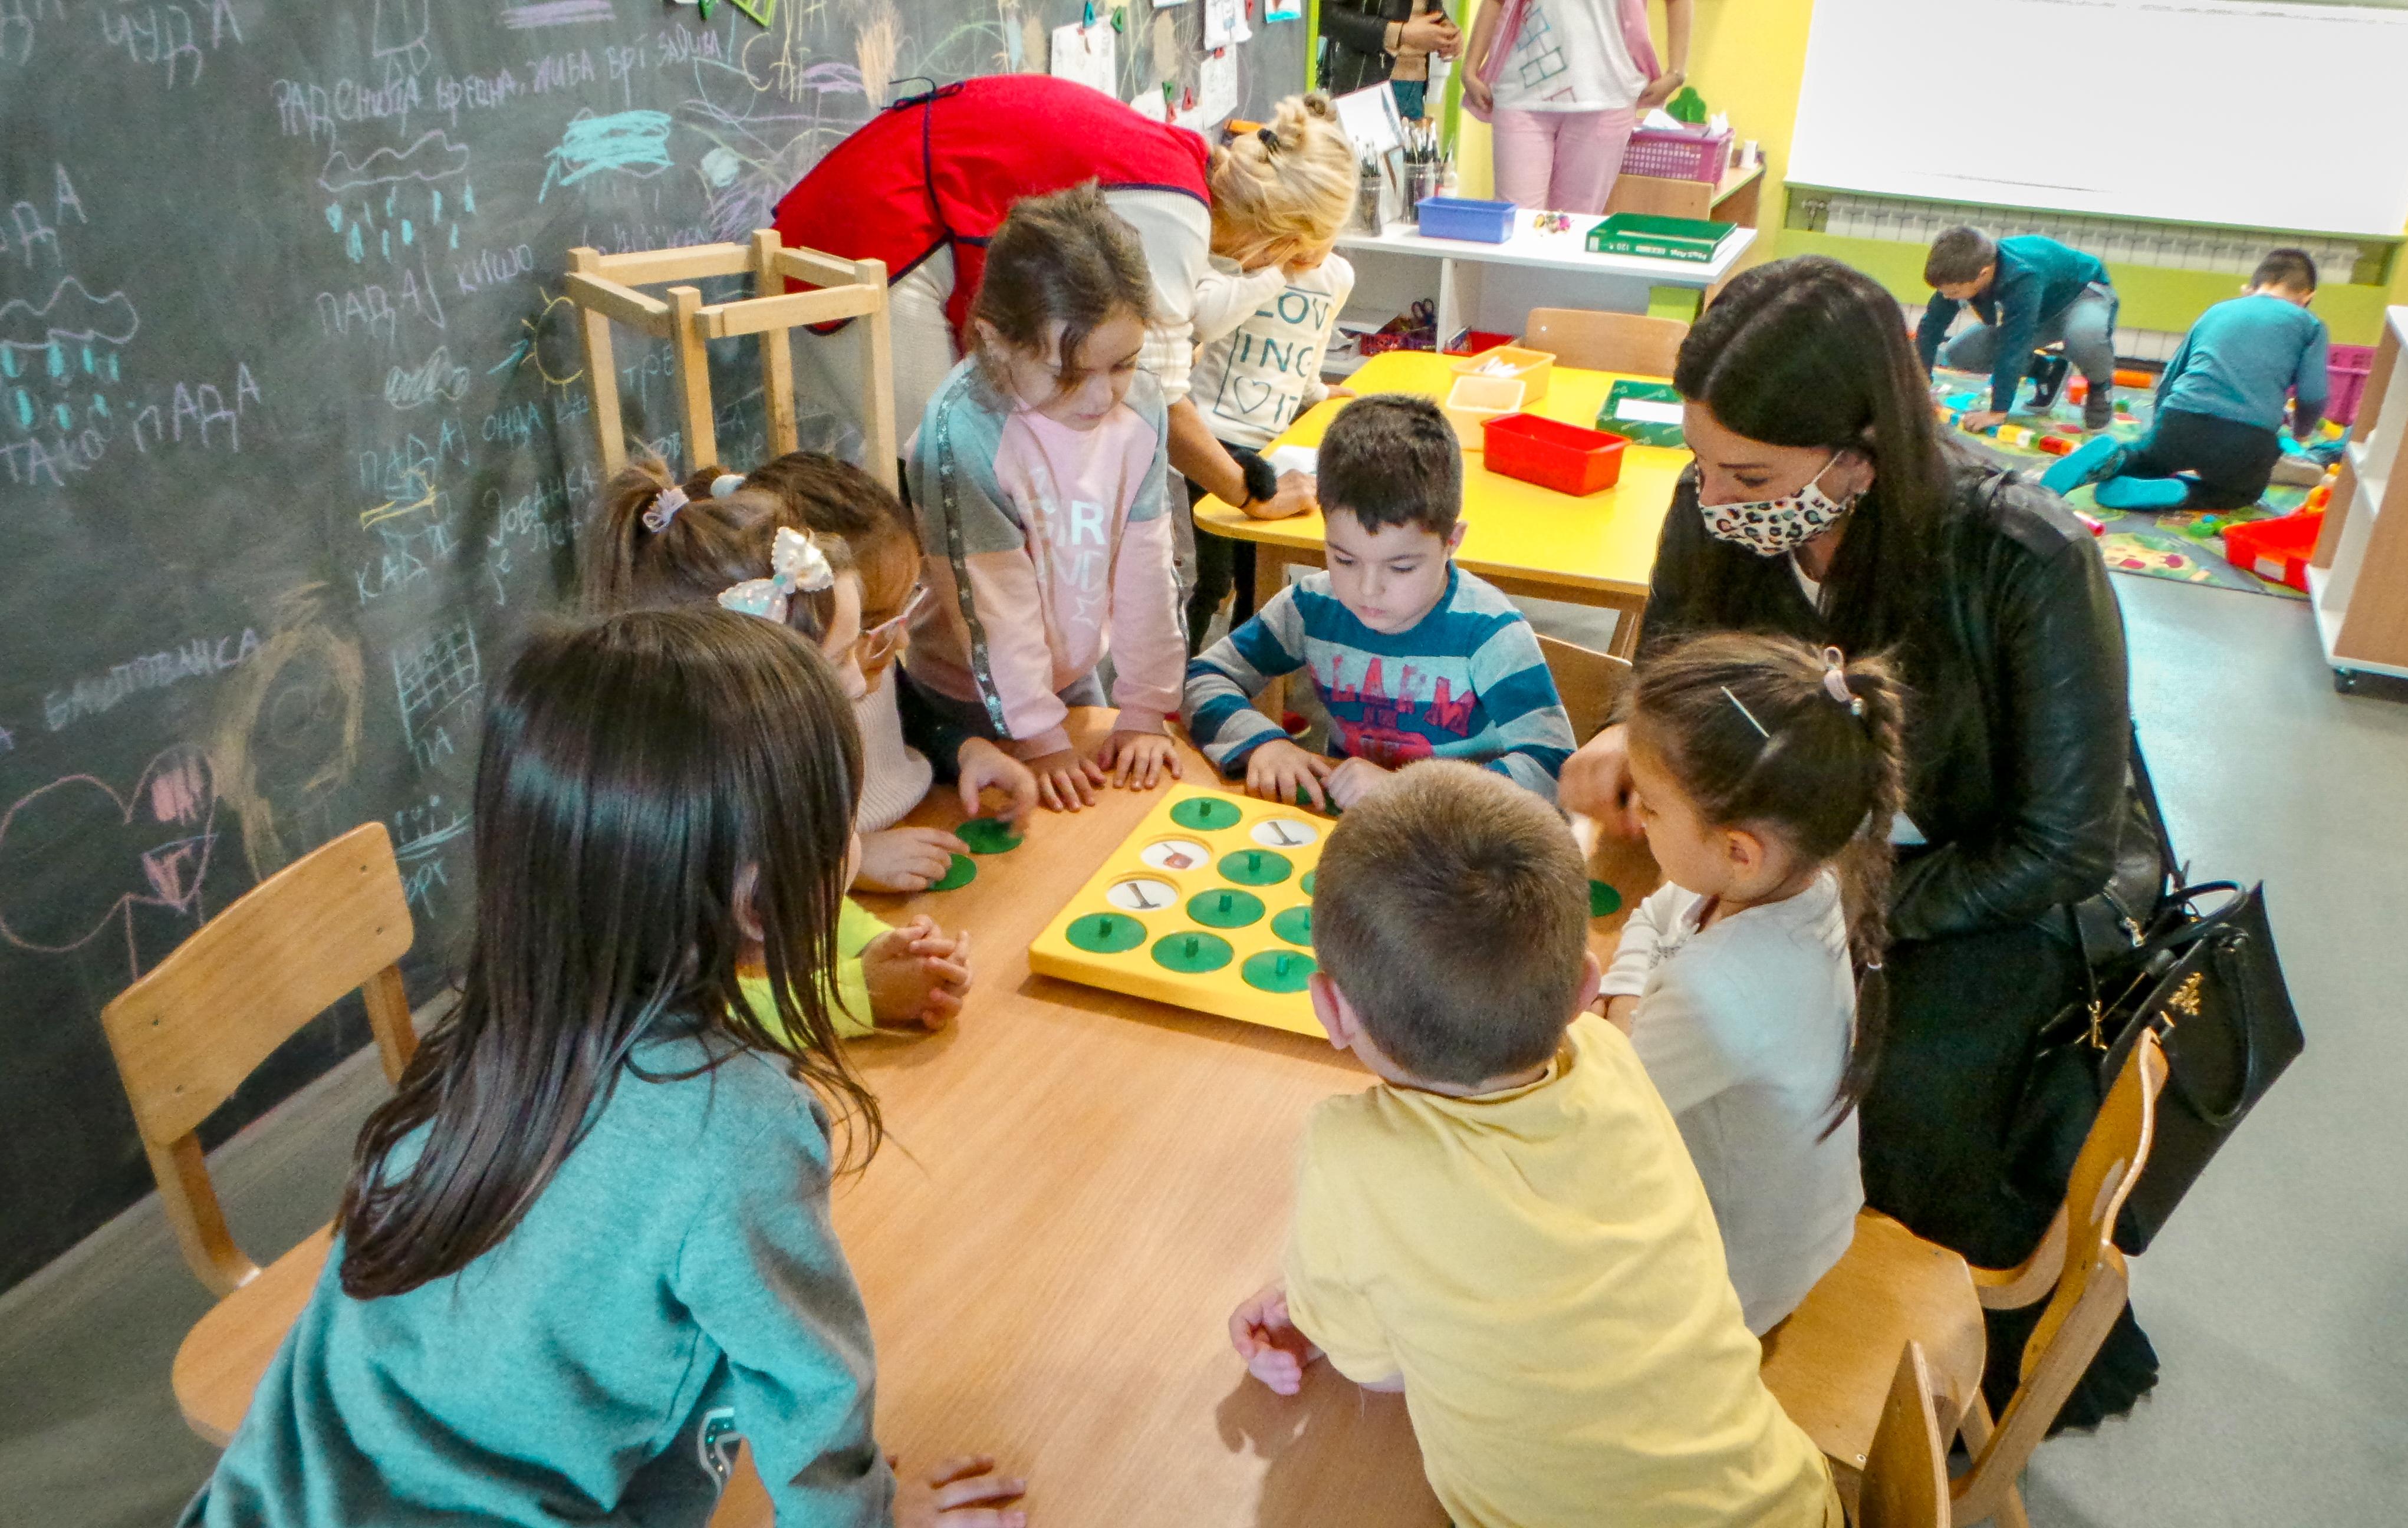 Prošle godine je na inicijativu Dragane Radišić, Rotary club Amsterdam izabrao naš projekat otvaranja nove Školice života u Ljukovu za jedan od njihovih godišnjih humanitarinih ciljeva.